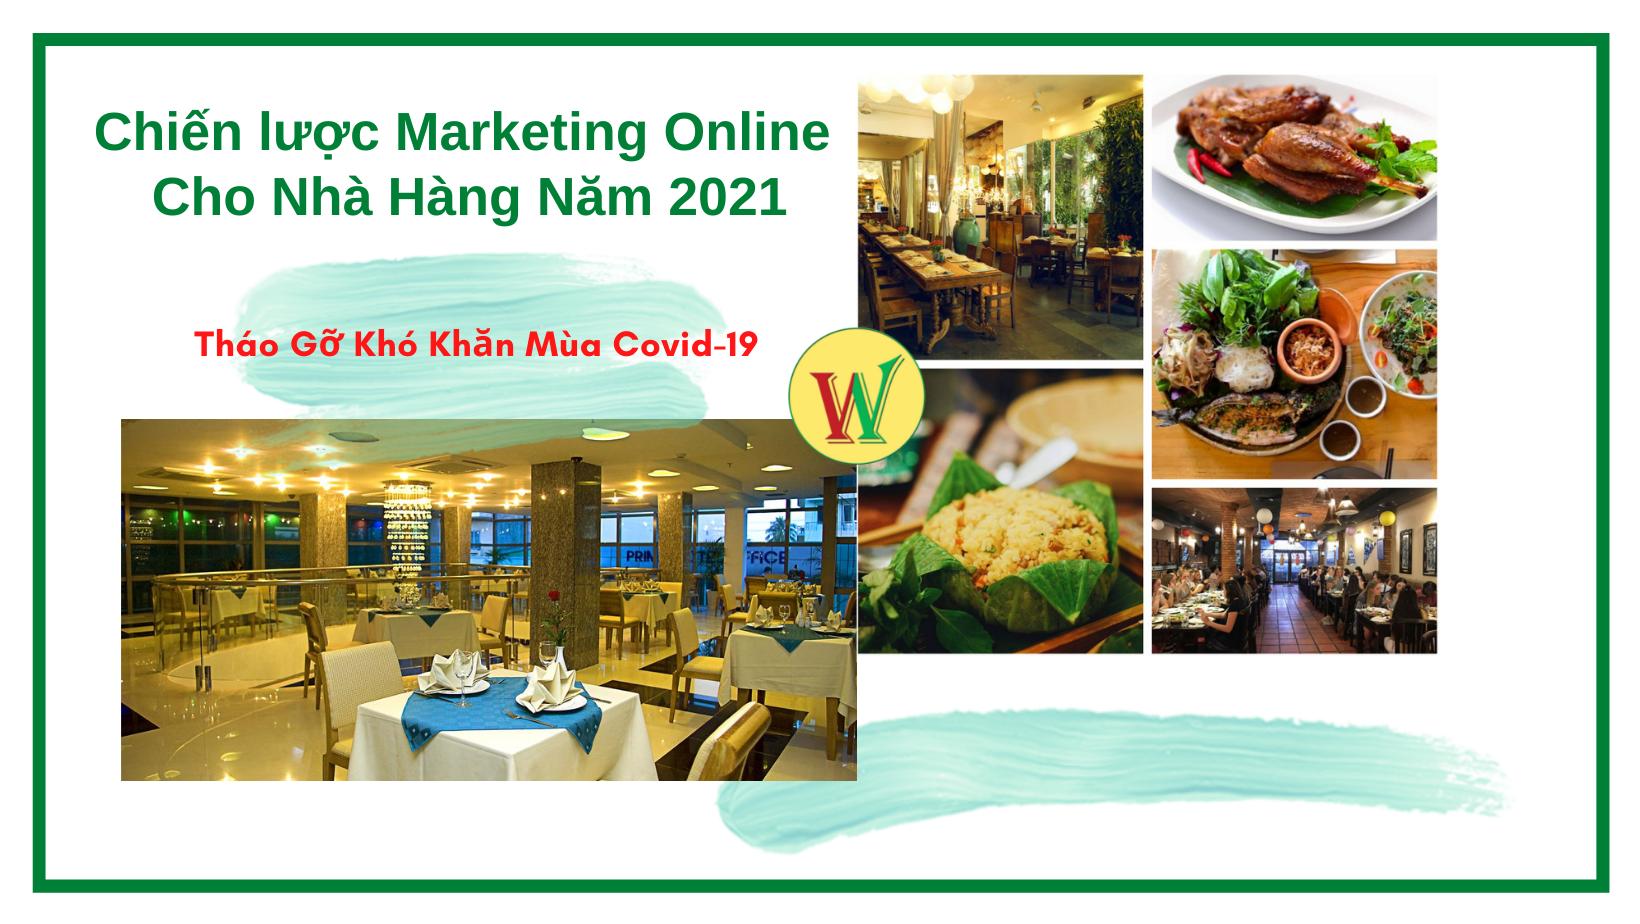 8 Chiến Lược Marketing Online Cho Nhà Hàng Năm 2021